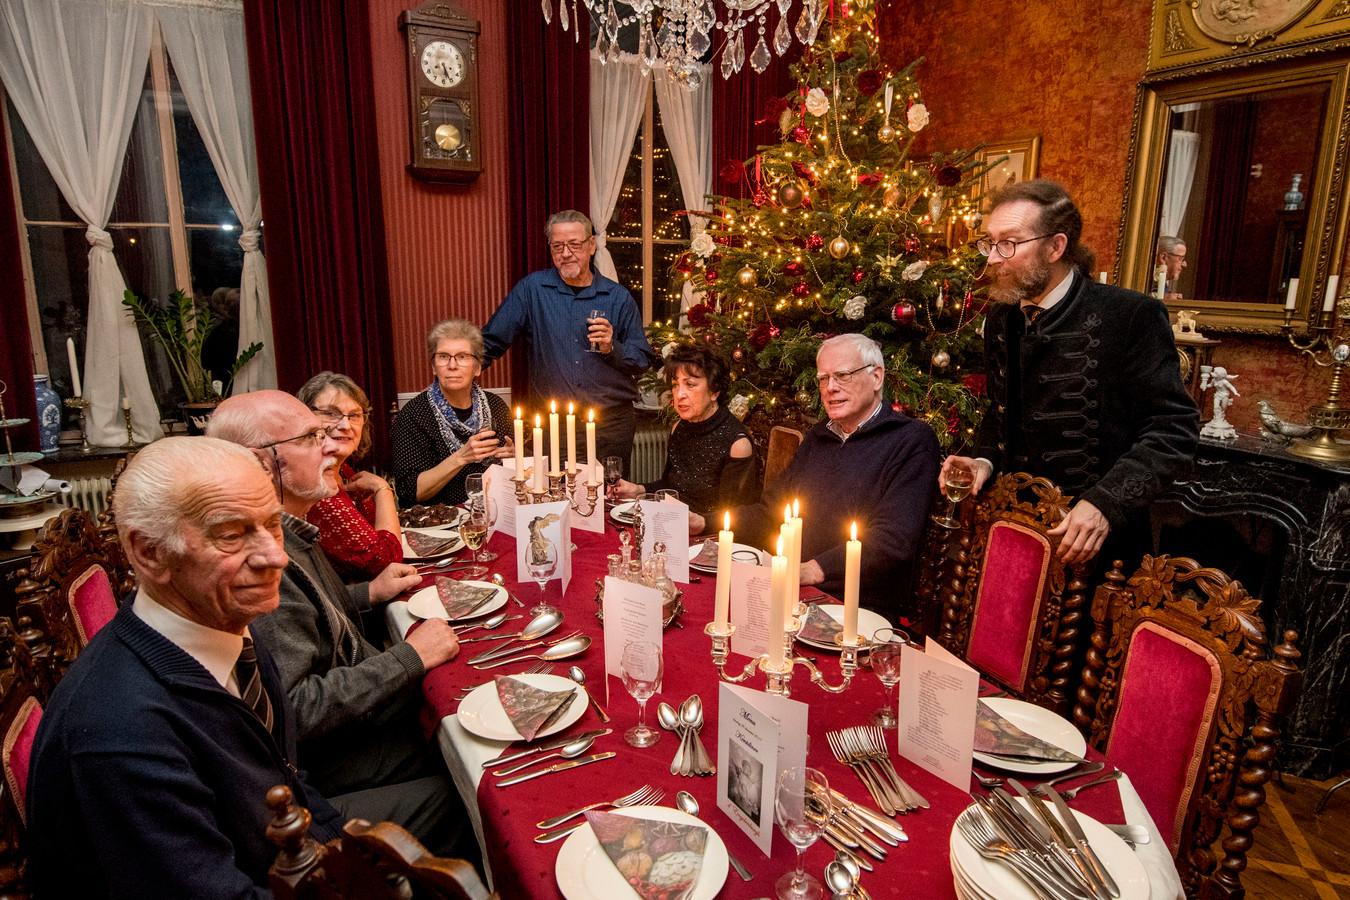 Alleenstaanden zijn welkom bij Ellen en Marcel Deelen (foto rechts) in Fijnaart om het kerstfeest te vieren.